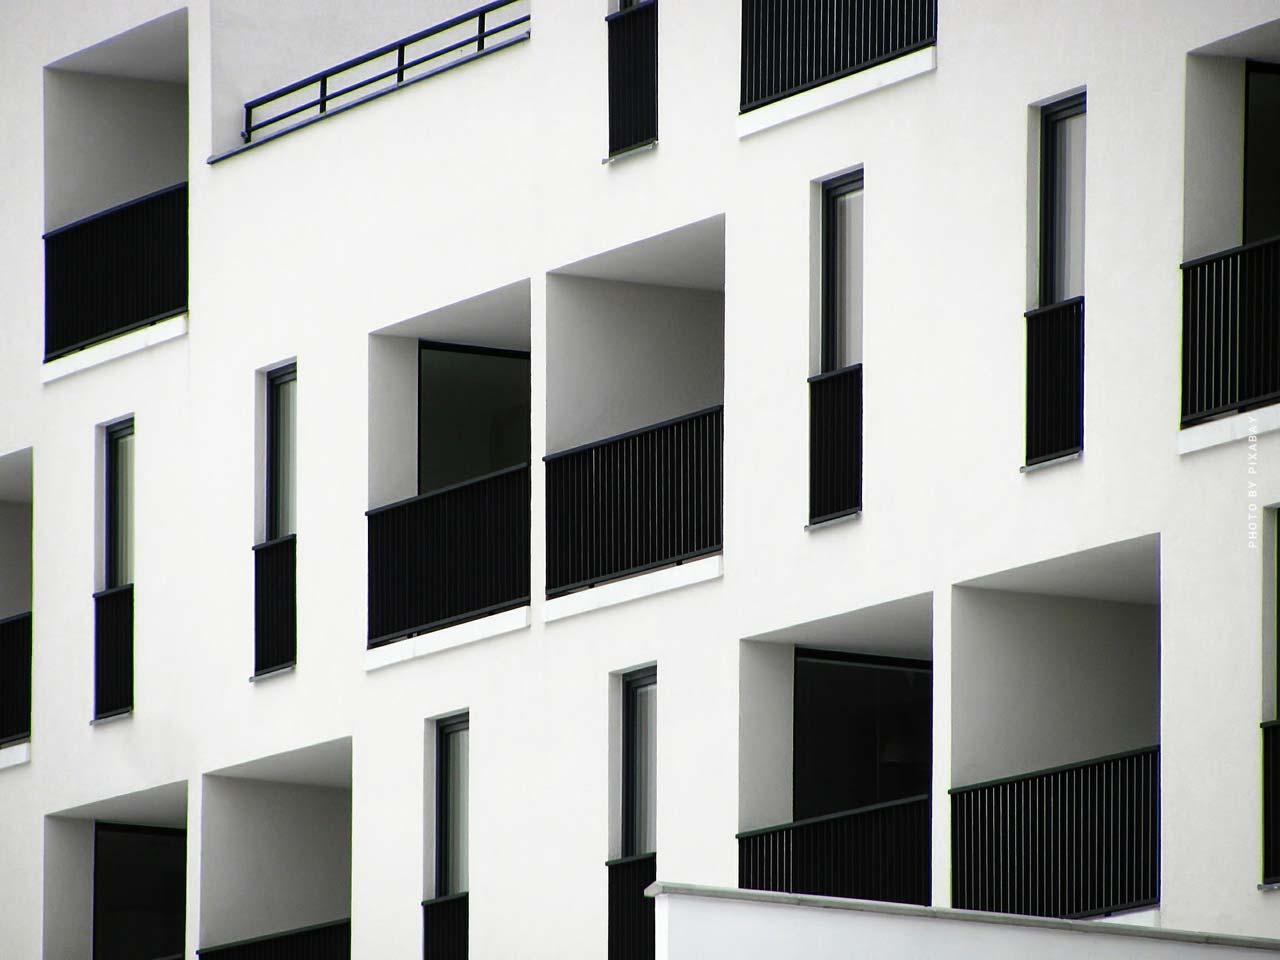 Haus Kauf in Fellbach: Kosten, Eigentumswohnung, Checkliste bis Kapitalanlage